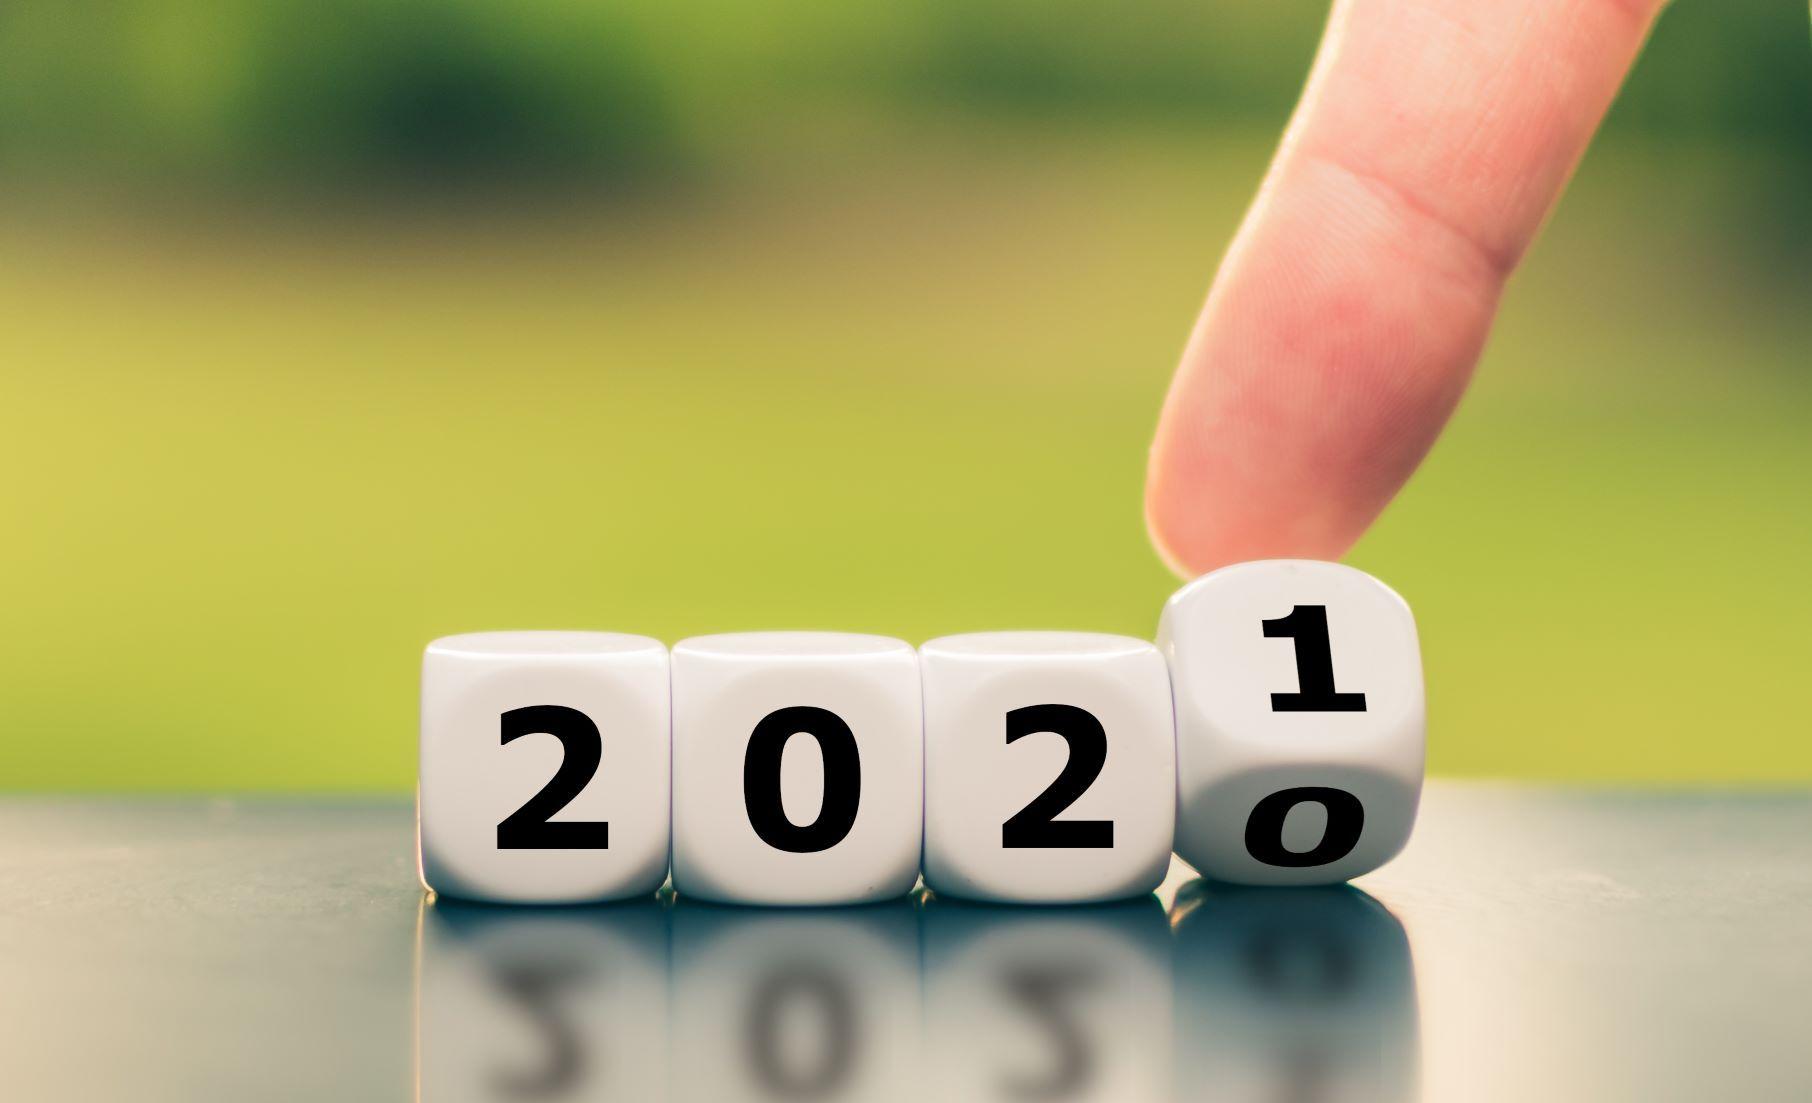 Harmonogram z ostatecznymi terminami dotyczącymi sprawozdań za 2020 r.